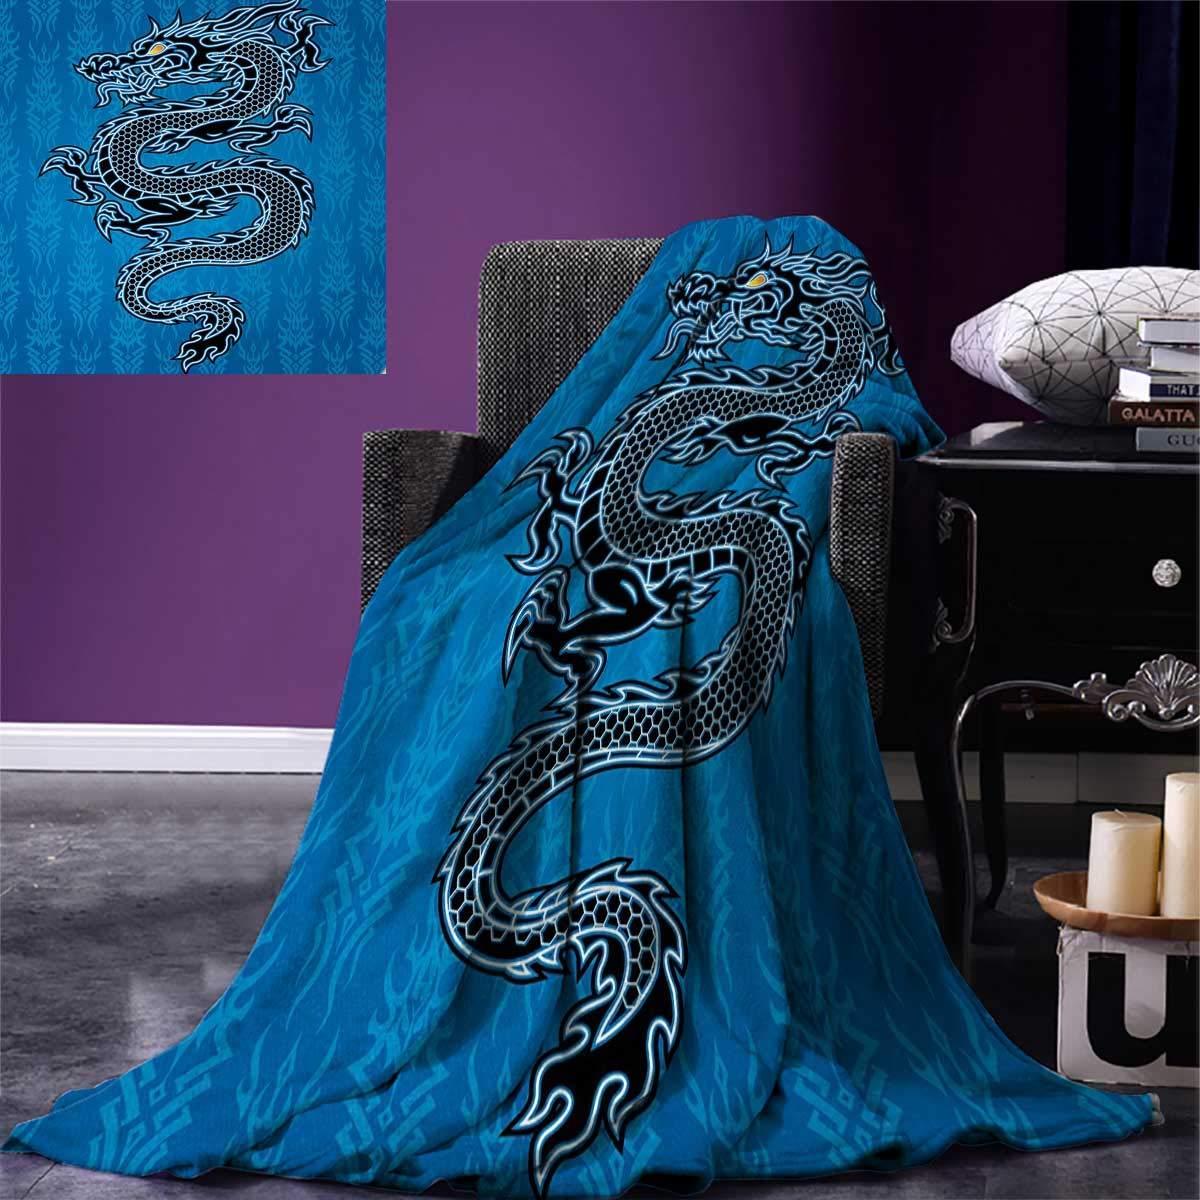 """Anniutwo Japanese Dragon Travel Throw Blanket Black Dragon on Blue Tribal Background Year The Dragon Themed Art Velvet Plush Throw Blanket 60""""x50"""" Blue Black White"""